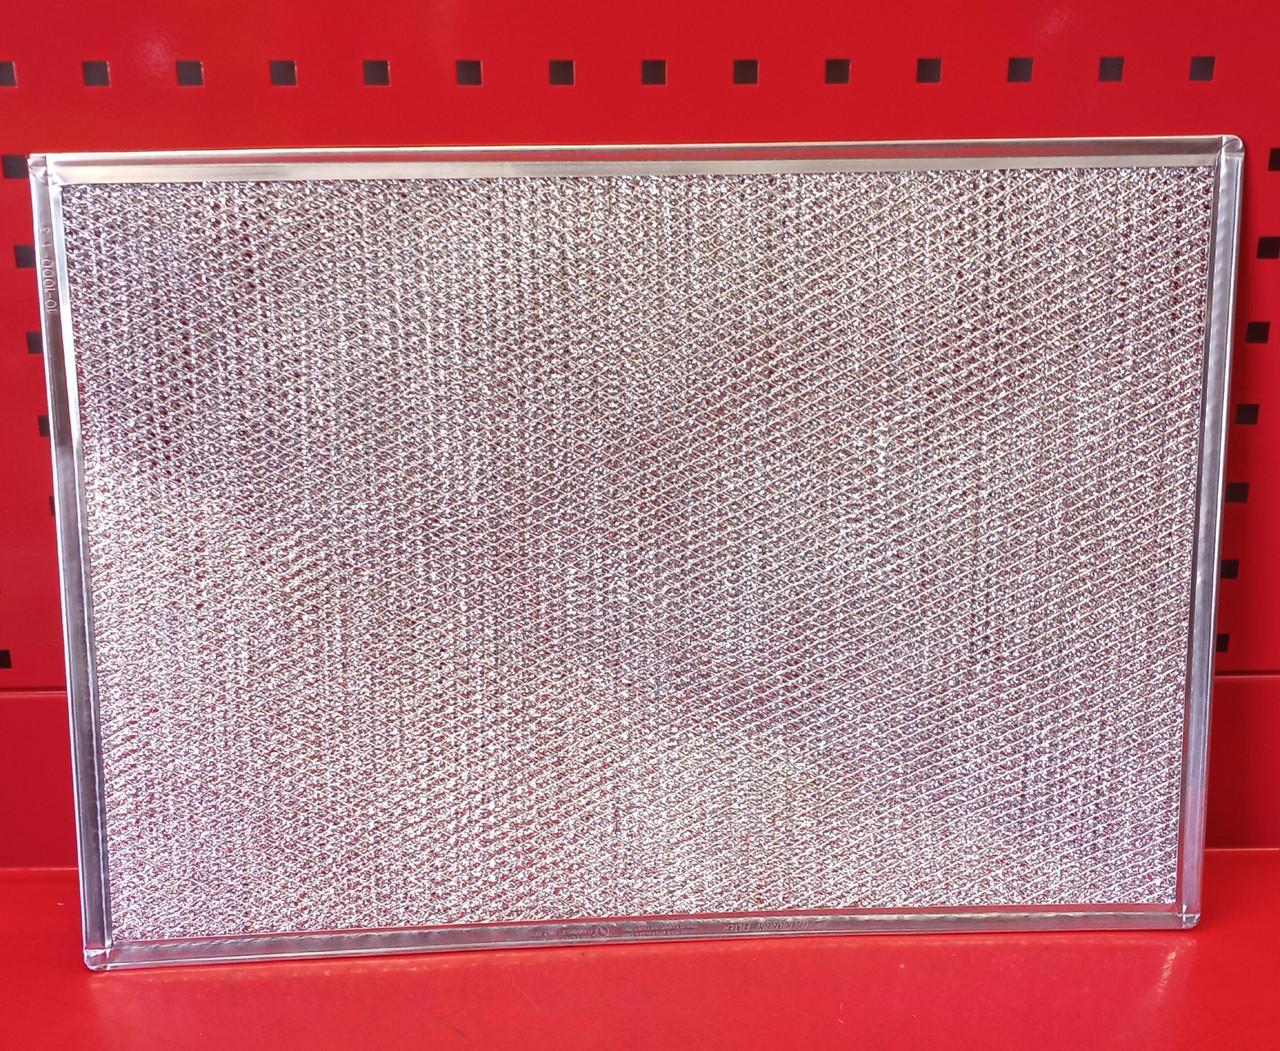 Hoffman nVent EZ Kleen 101000103SP Air Filter 14x20